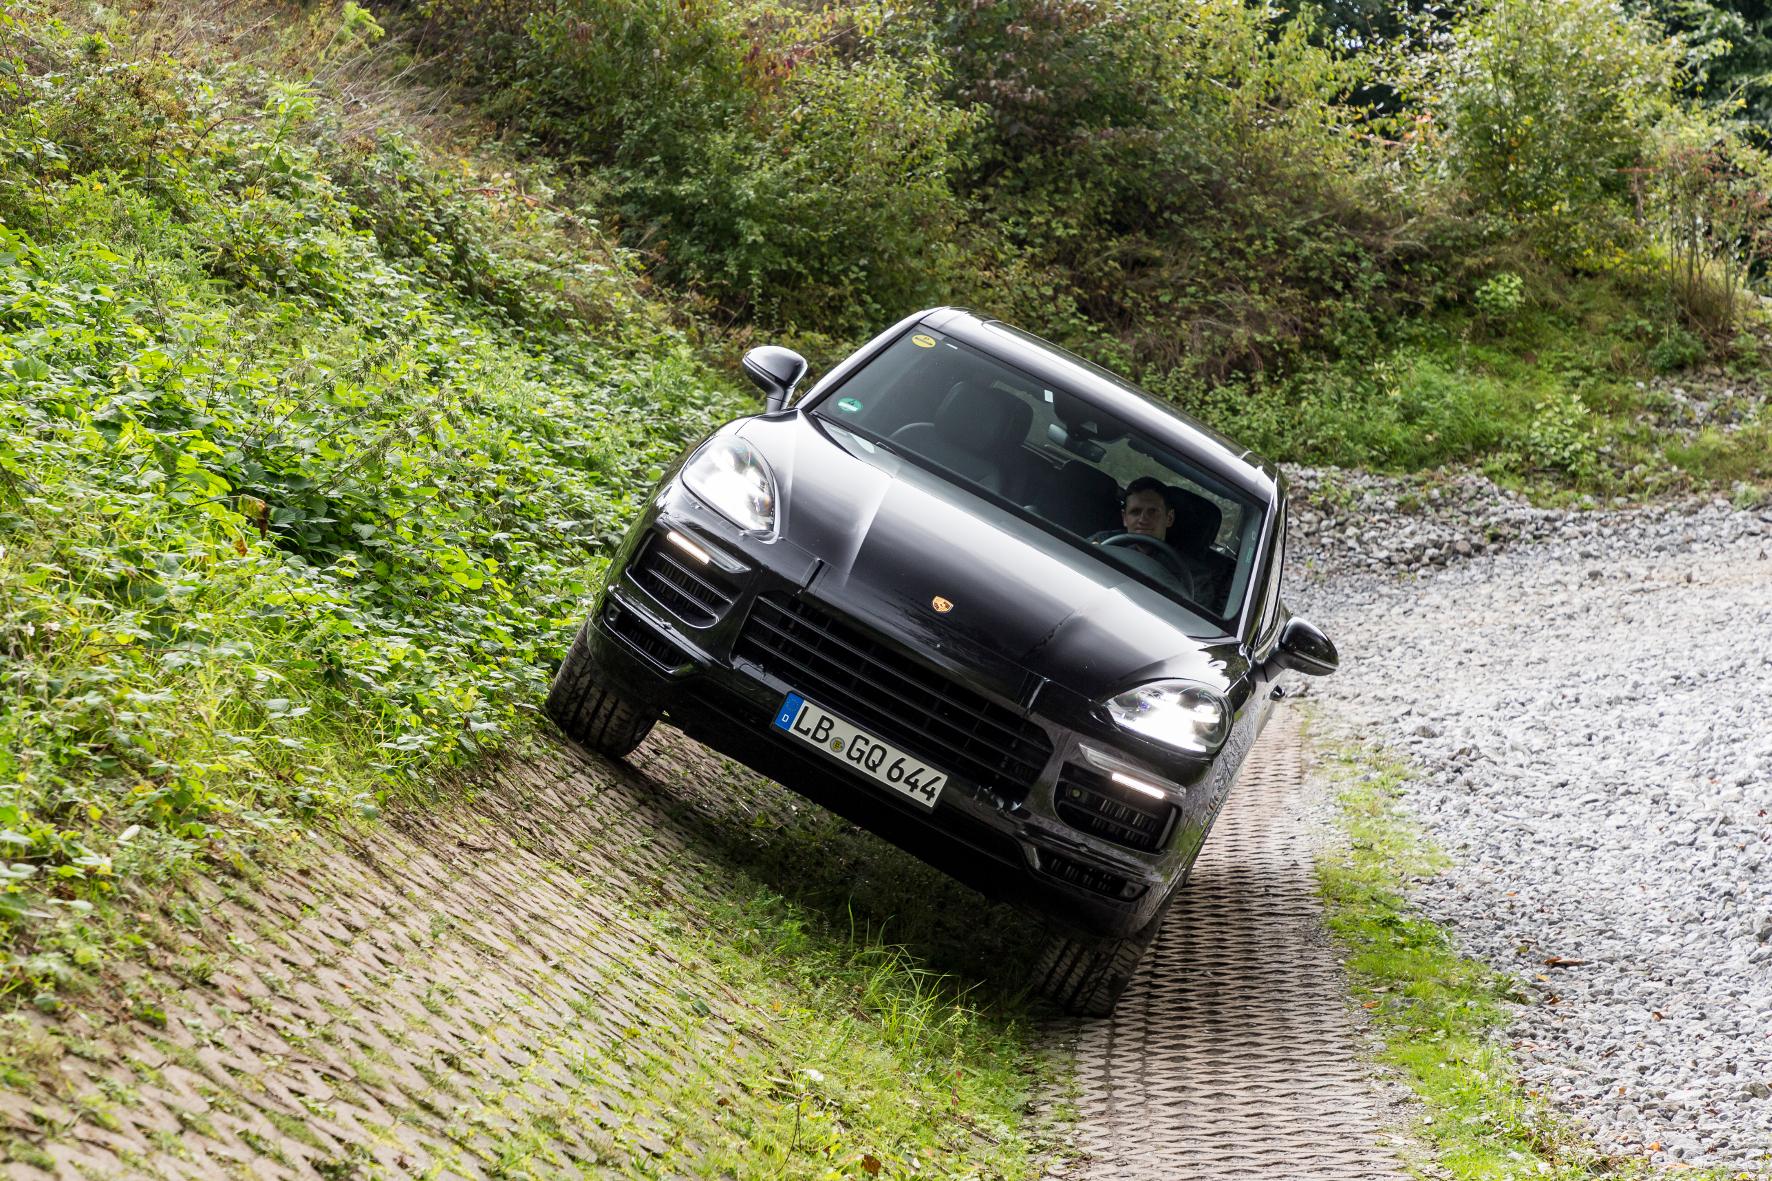 Mit dem neuen Cayenne darf natürlich auch ins Gelände gefahren werden. Auf der Autobahn fühlt er sich aber nicht minder wohl. © Porsche / TRD Technik